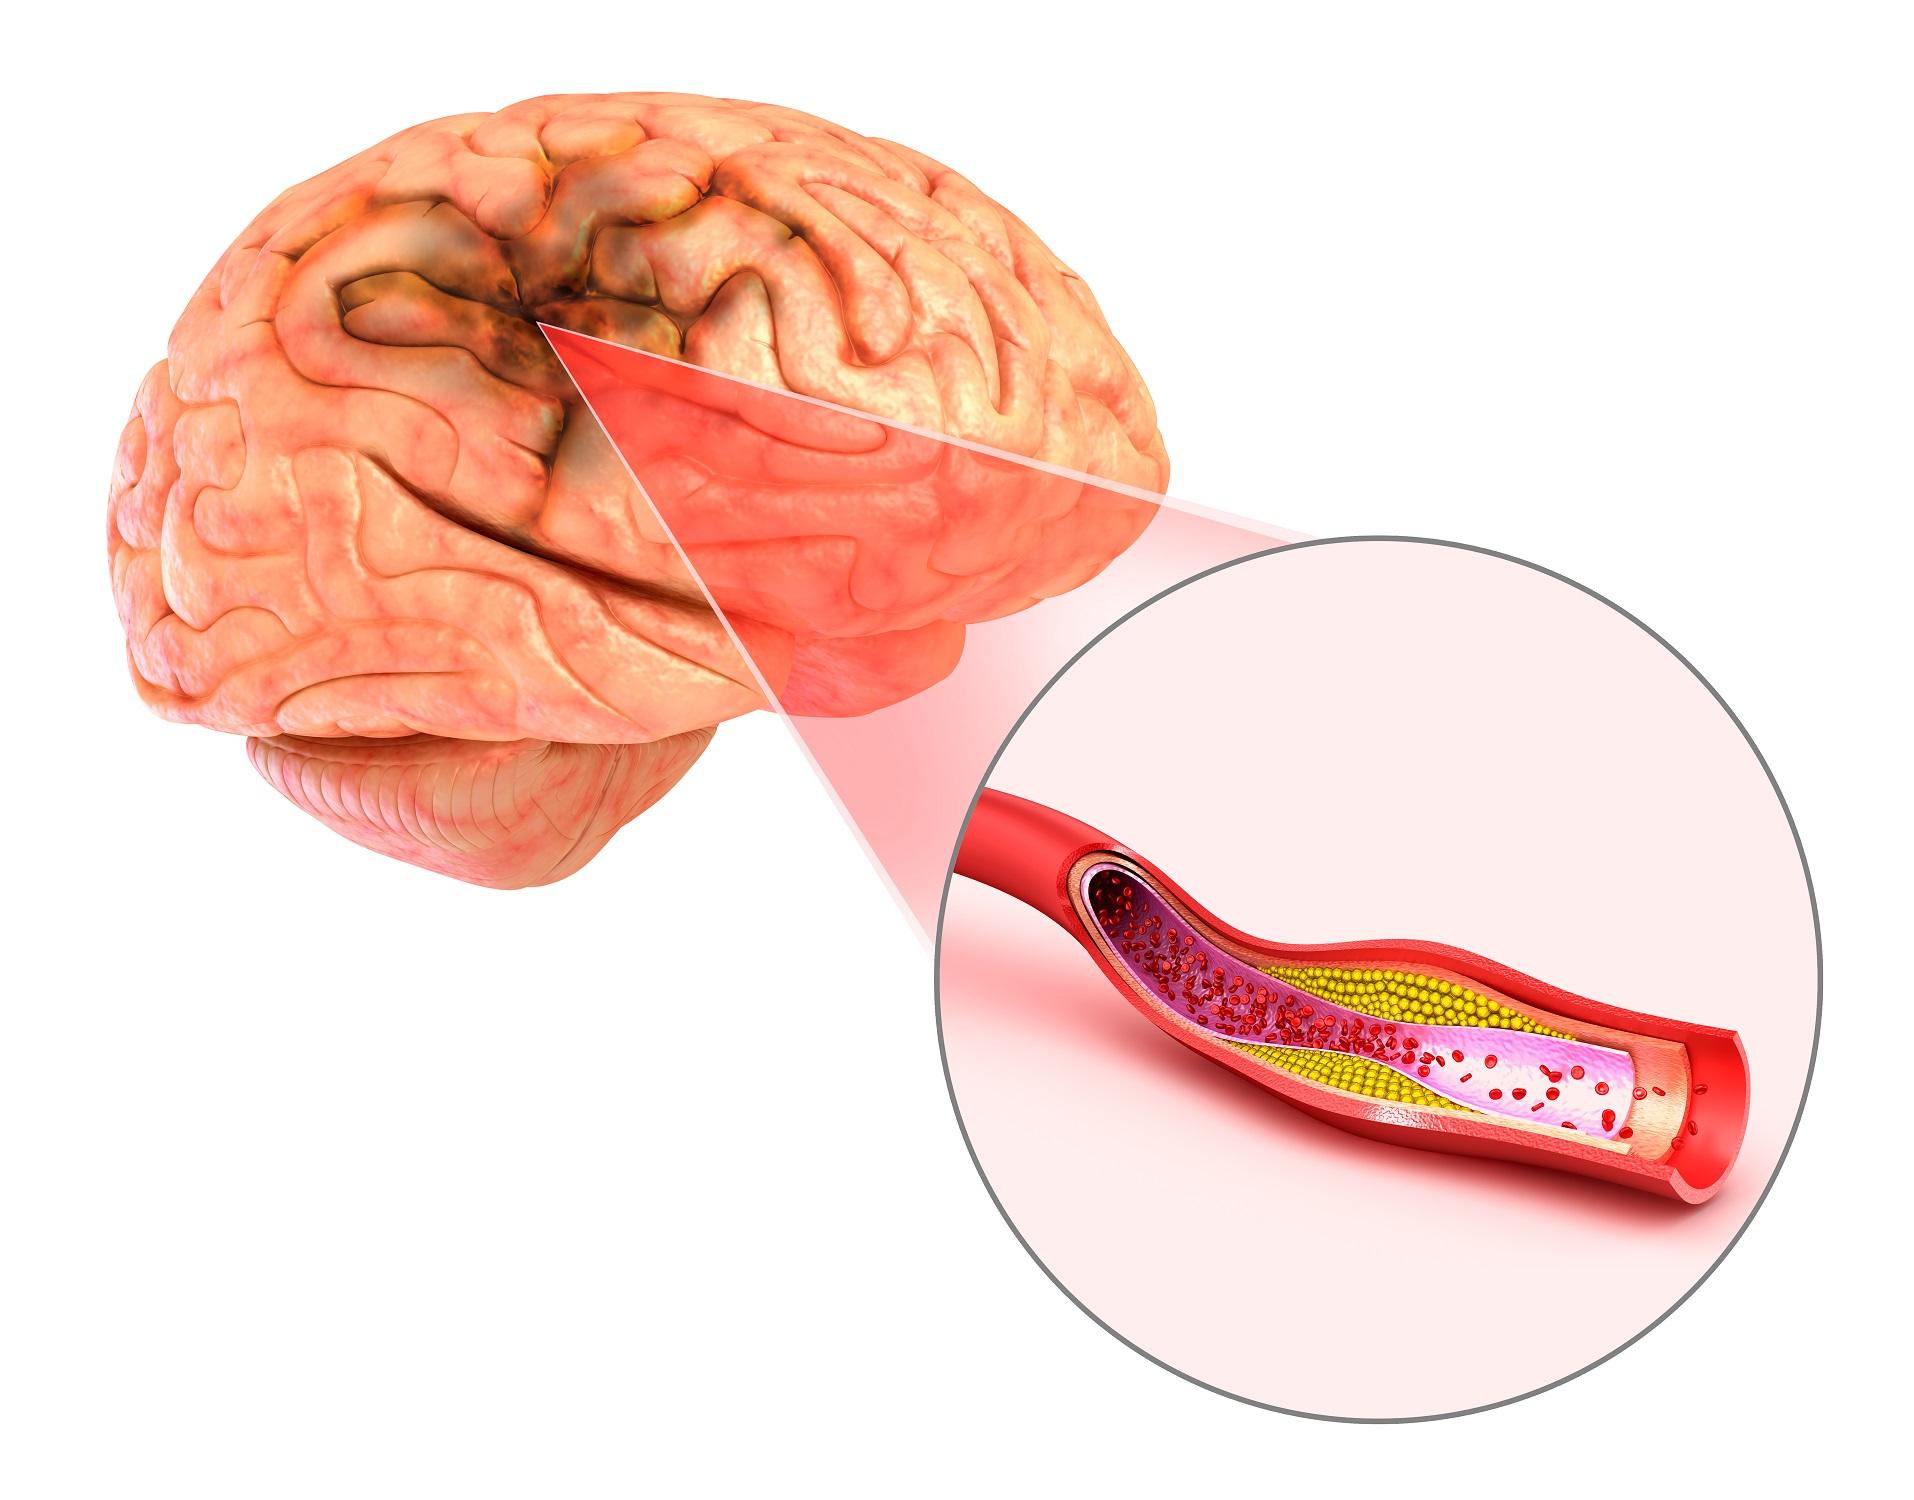 O que muitas pessoas não sabem sobre o derrame cerebral